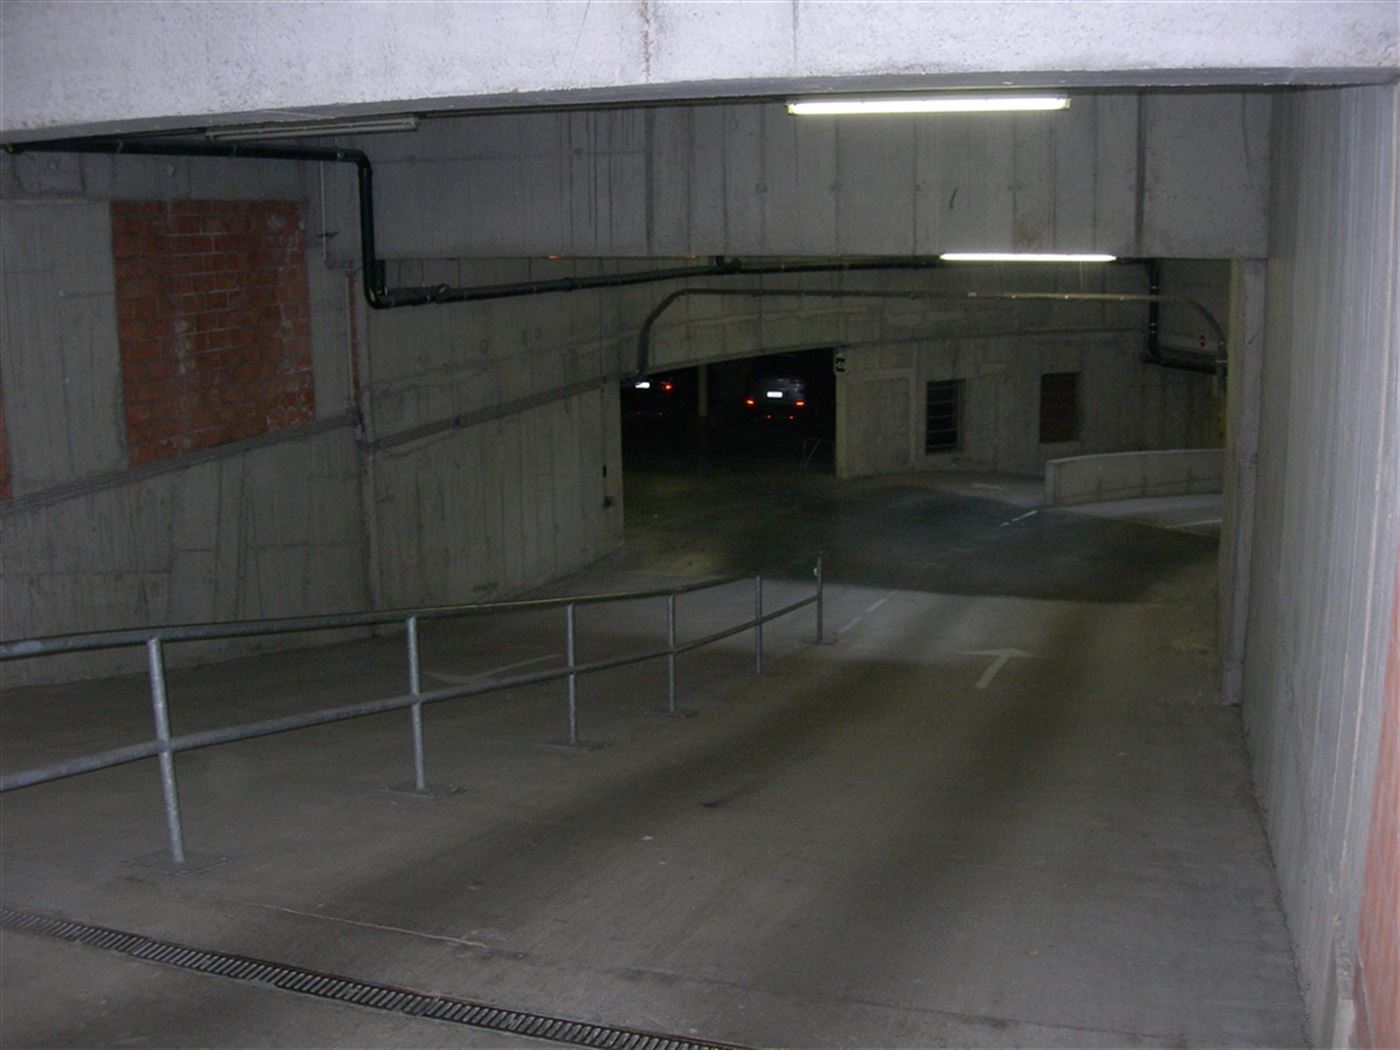 Res. Apollo XI G11.02.11 - Double garage en longueur - Accès par la Franslaan - Dimensions: 2,72 x 10,10 m ...